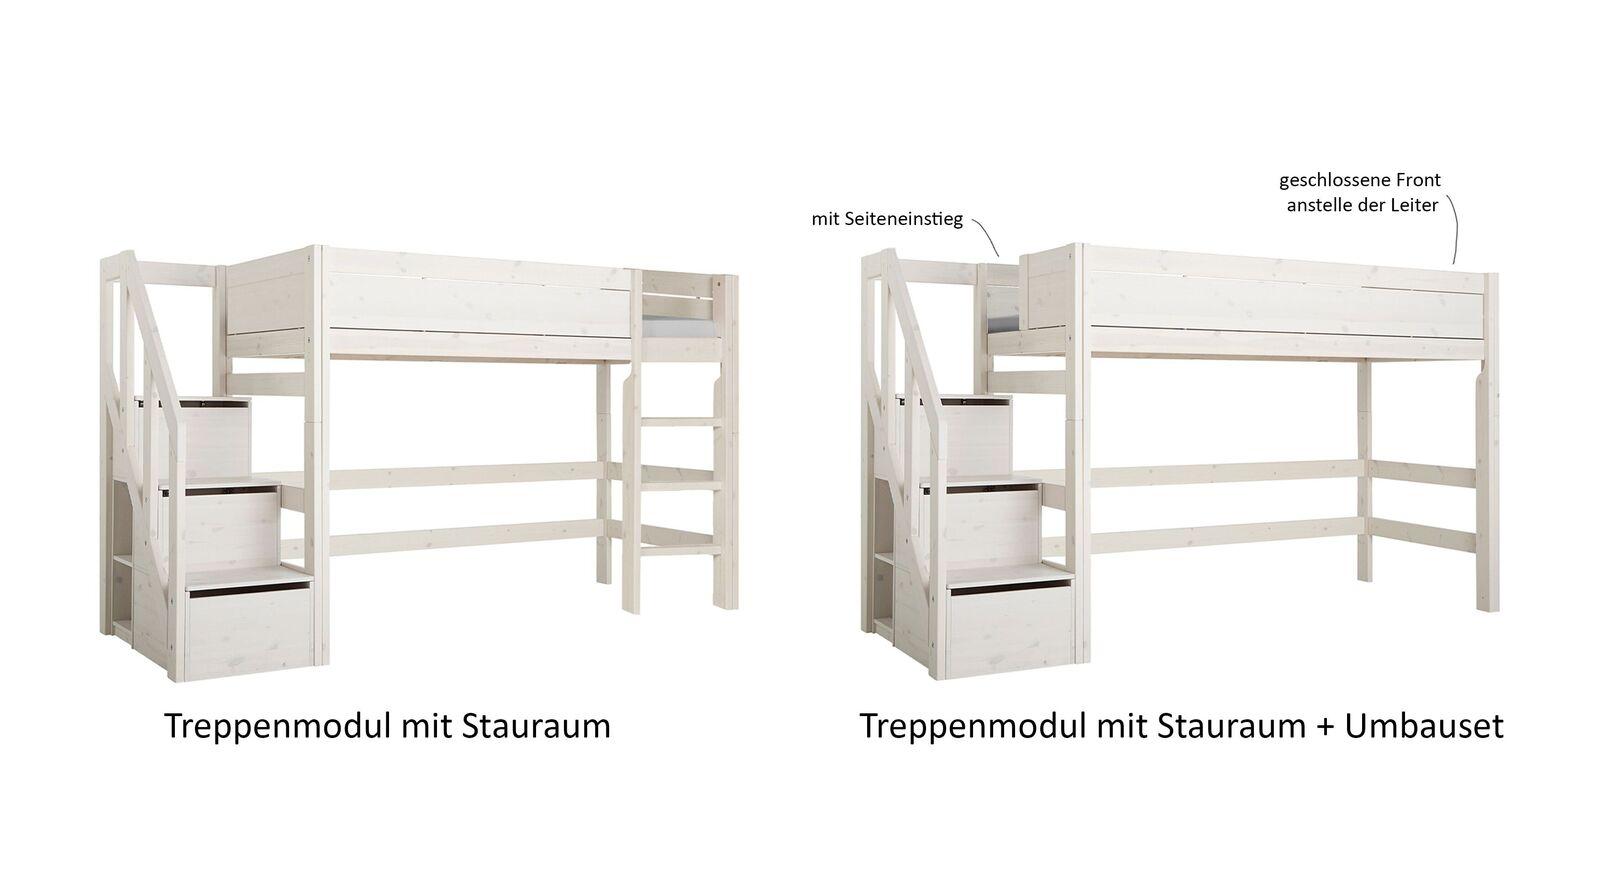 LIFETIME Treppenmodul mit Stauraum und Umbauset